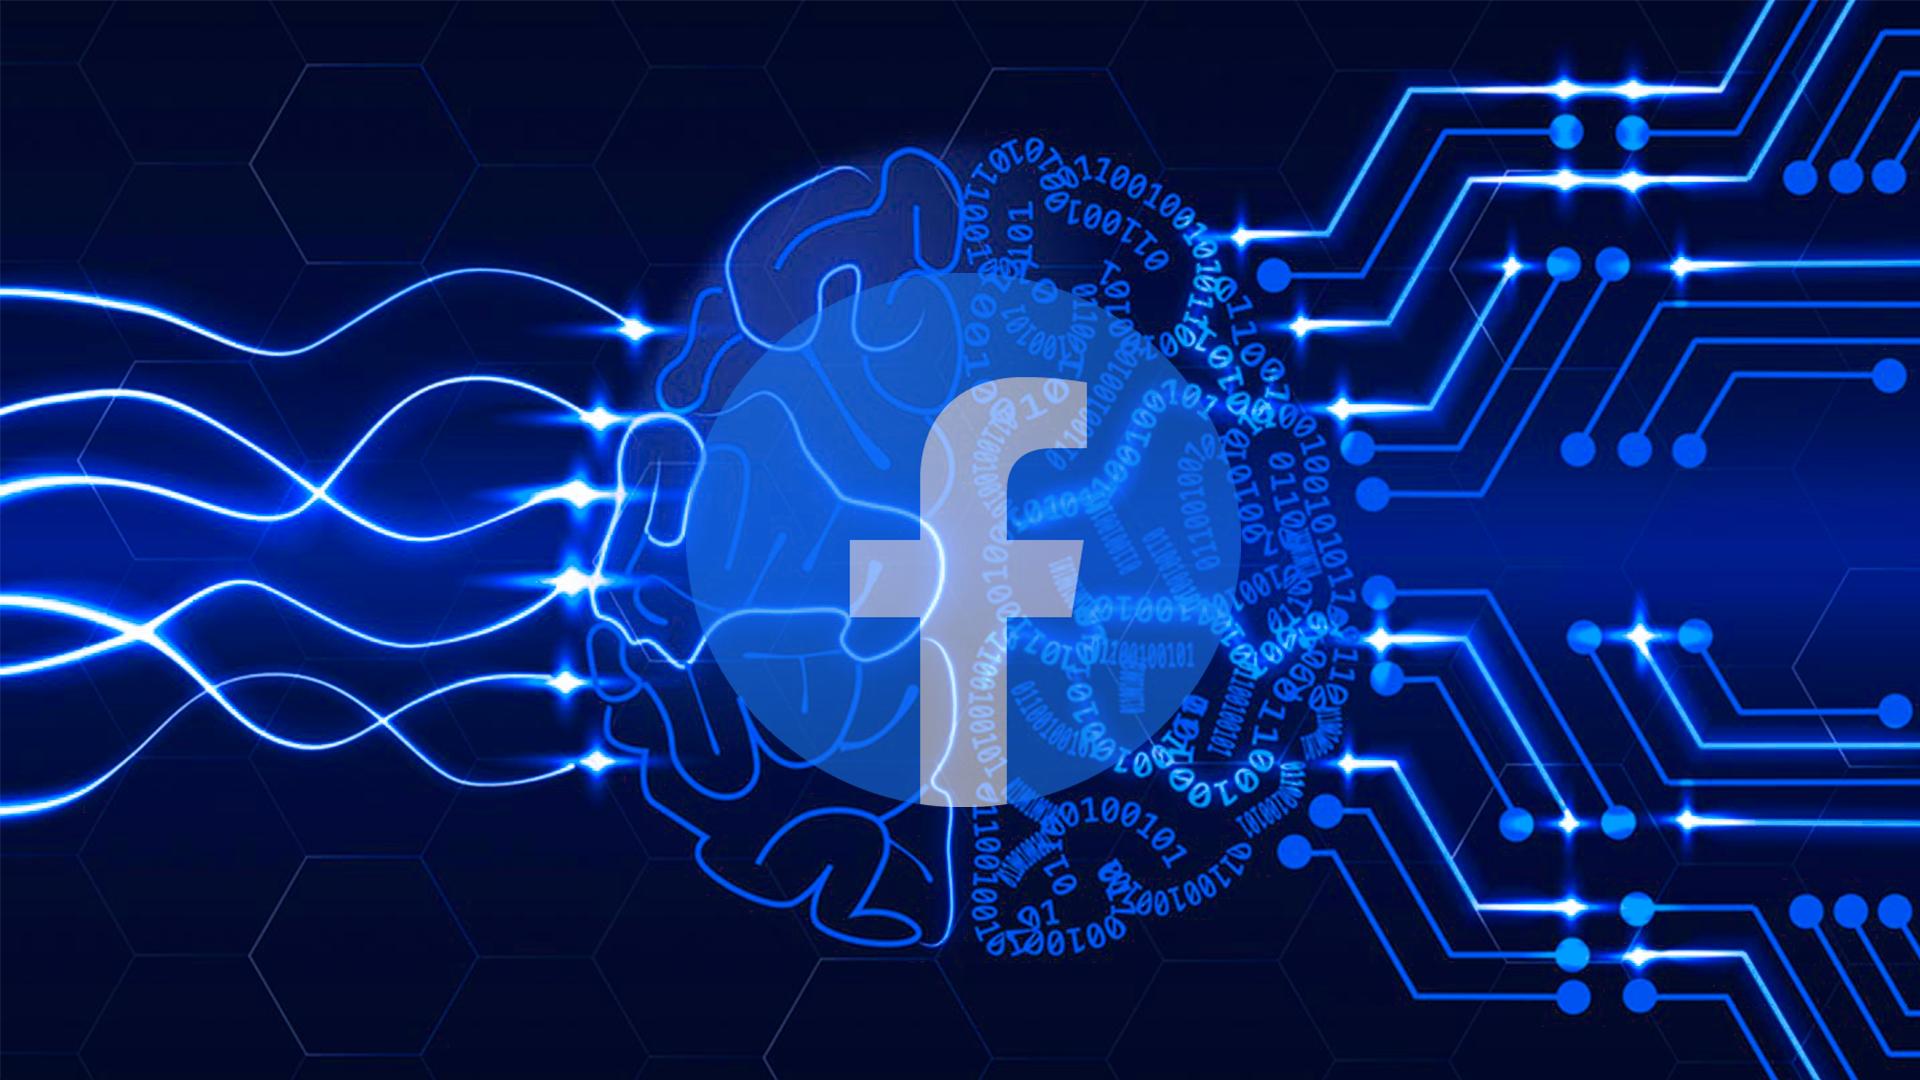 10 KAT GELİŞMİŞ ! - Facebook Yapay Zekası Güncellendi